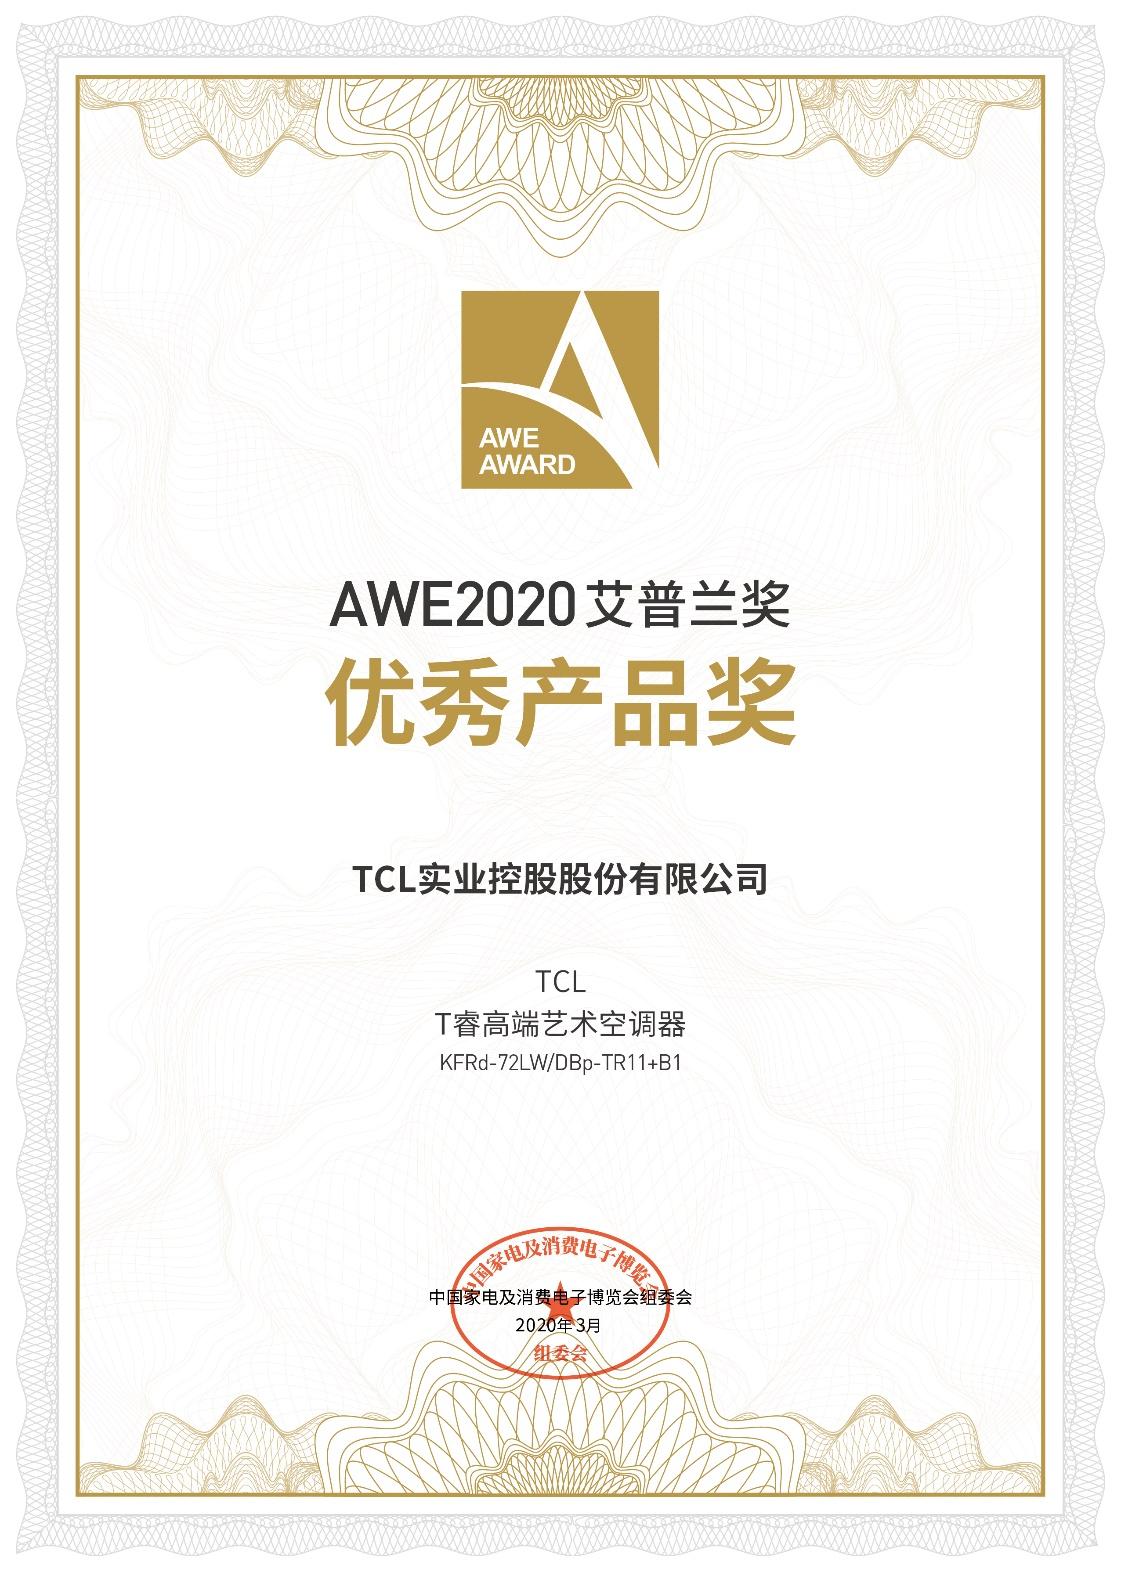 家电行业百家争鸣,TCL空调拿下AWE2020艾普兰优秀产品奖最高殊荣